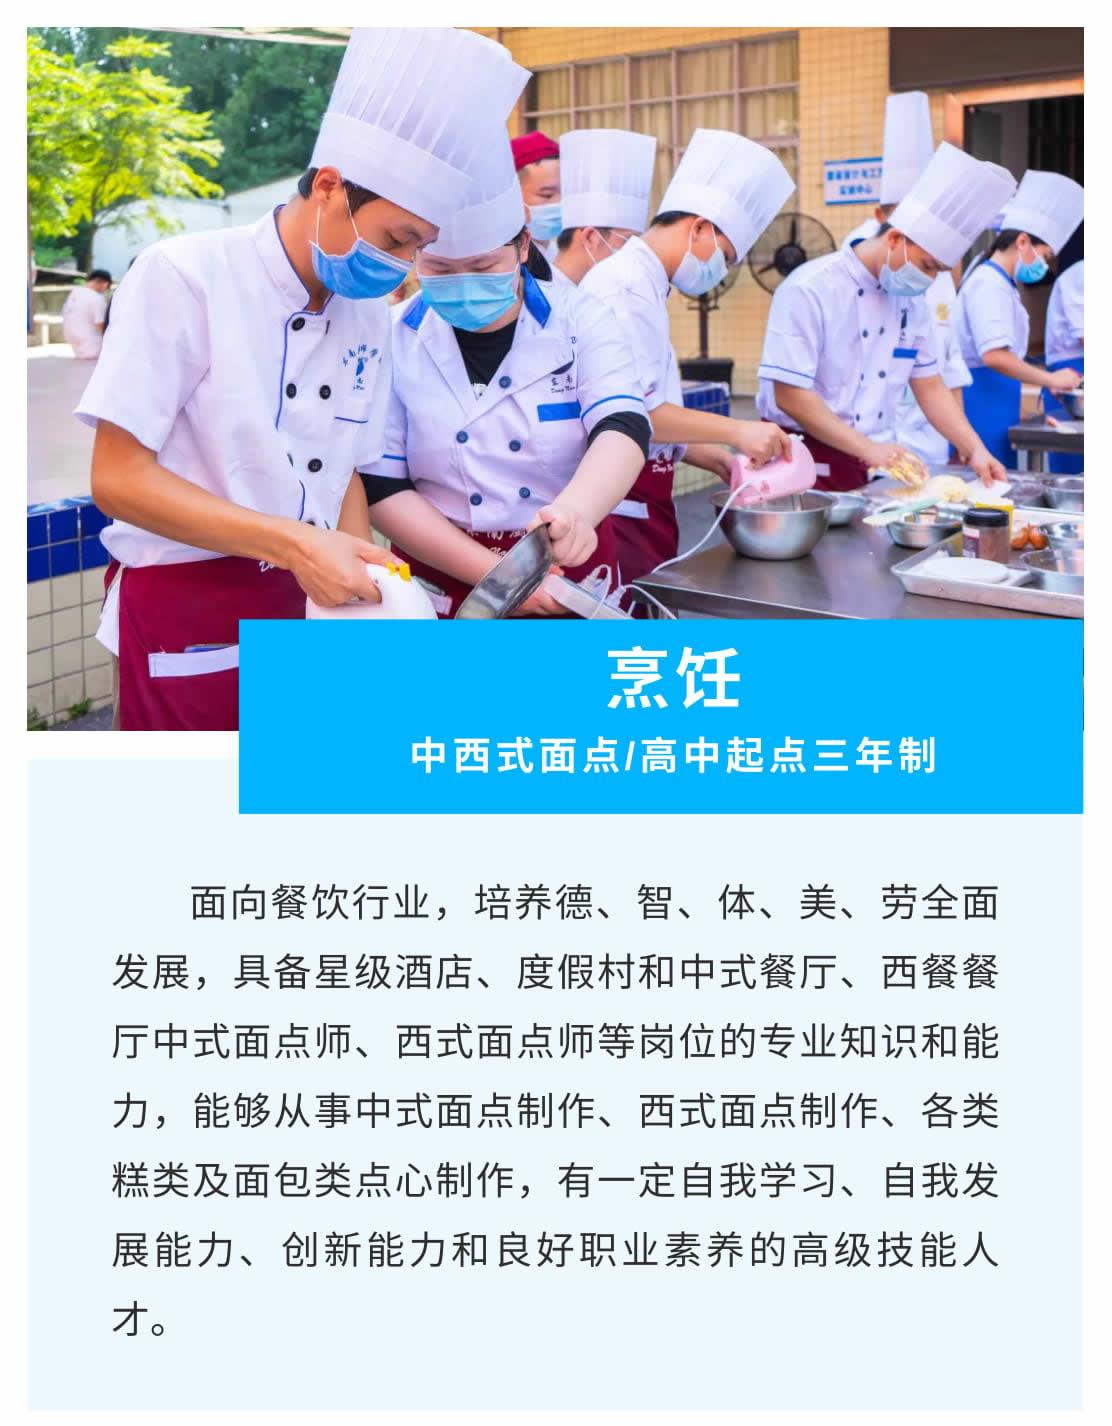 烹饪(中西式面点_高中起点三年制)-1_r1_c1.jpg